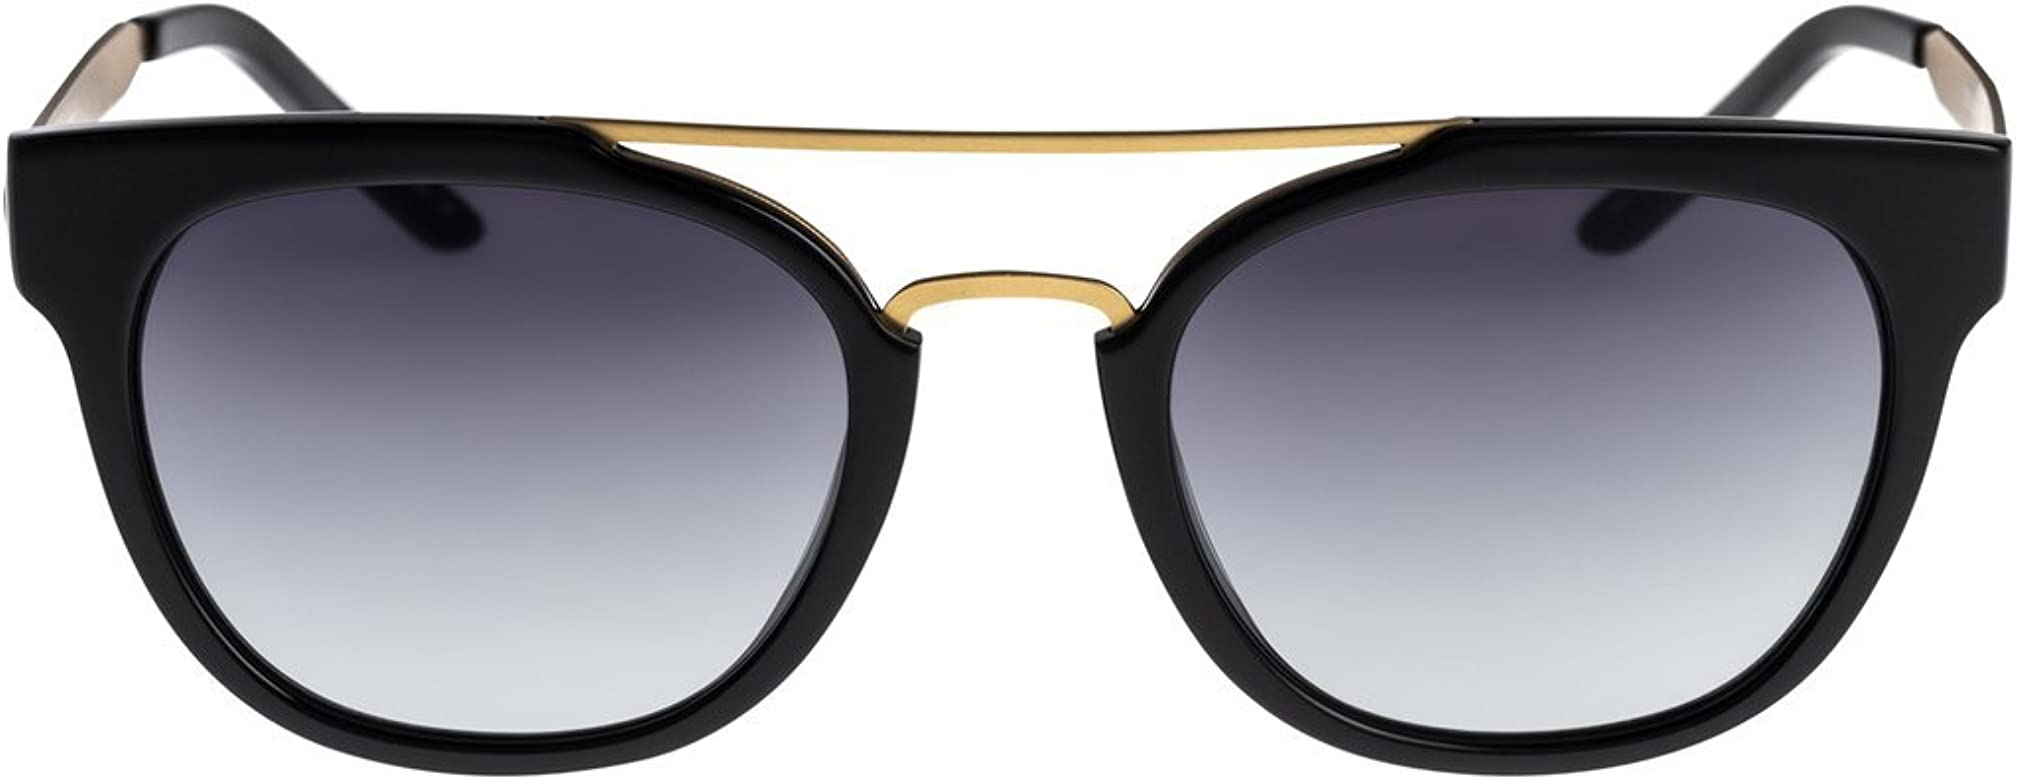 Roxy Bridget - Gafas de sol para Mujer ERJEG03010: Amazon.es ...